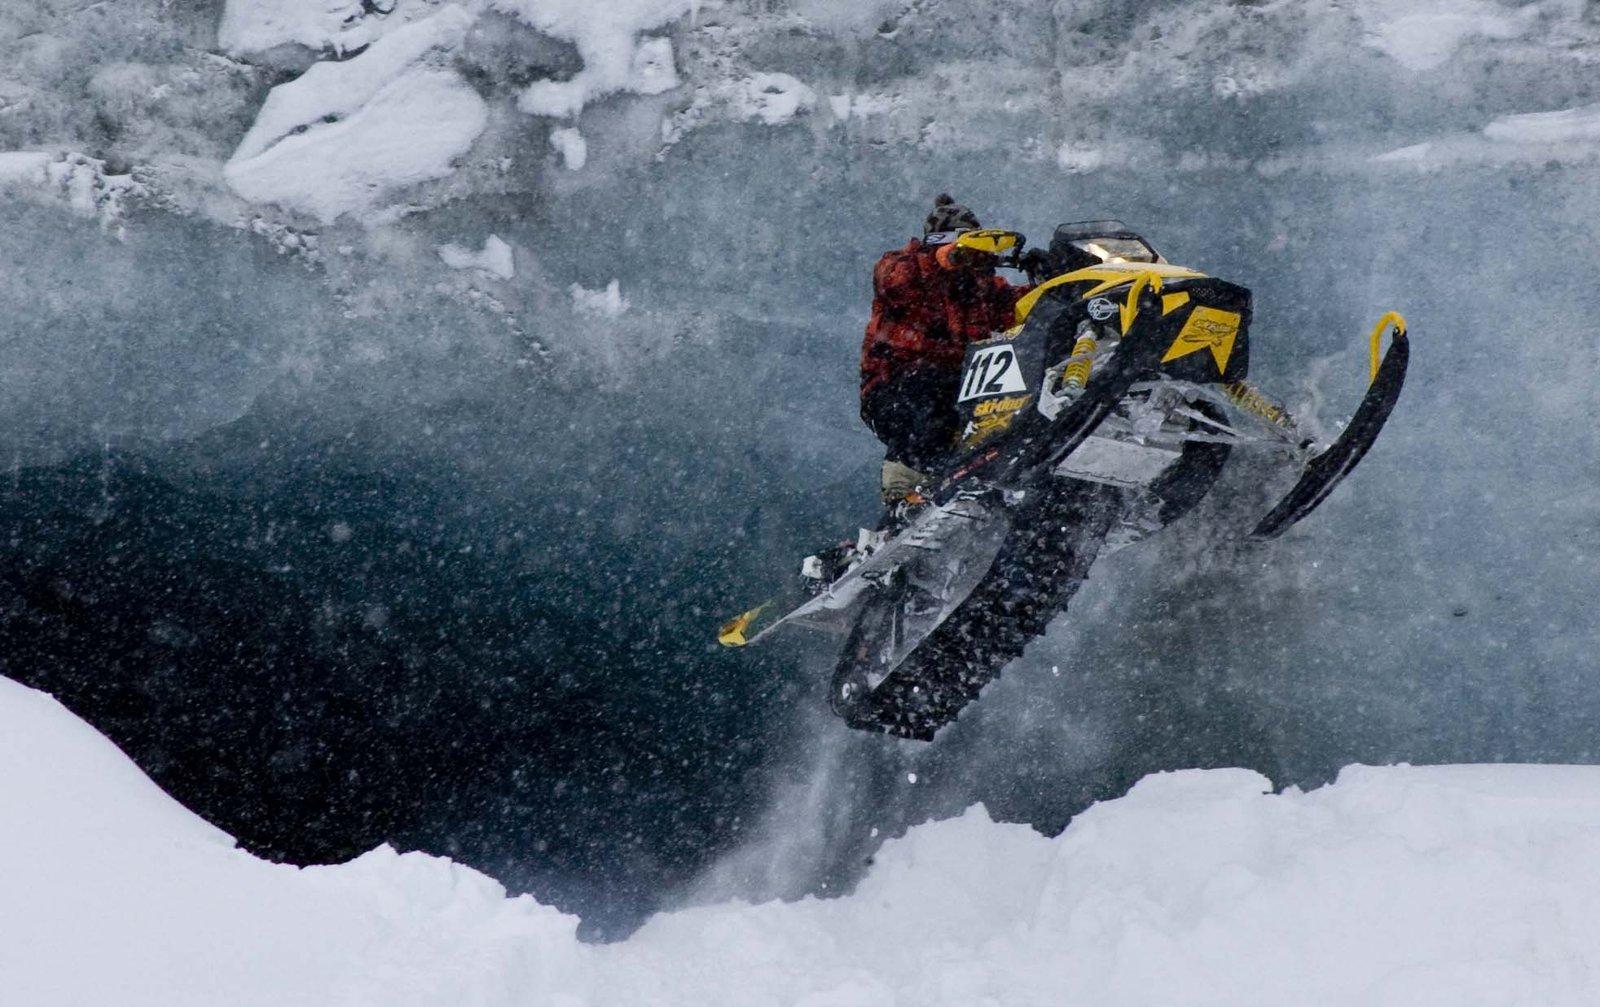 Ski dooing